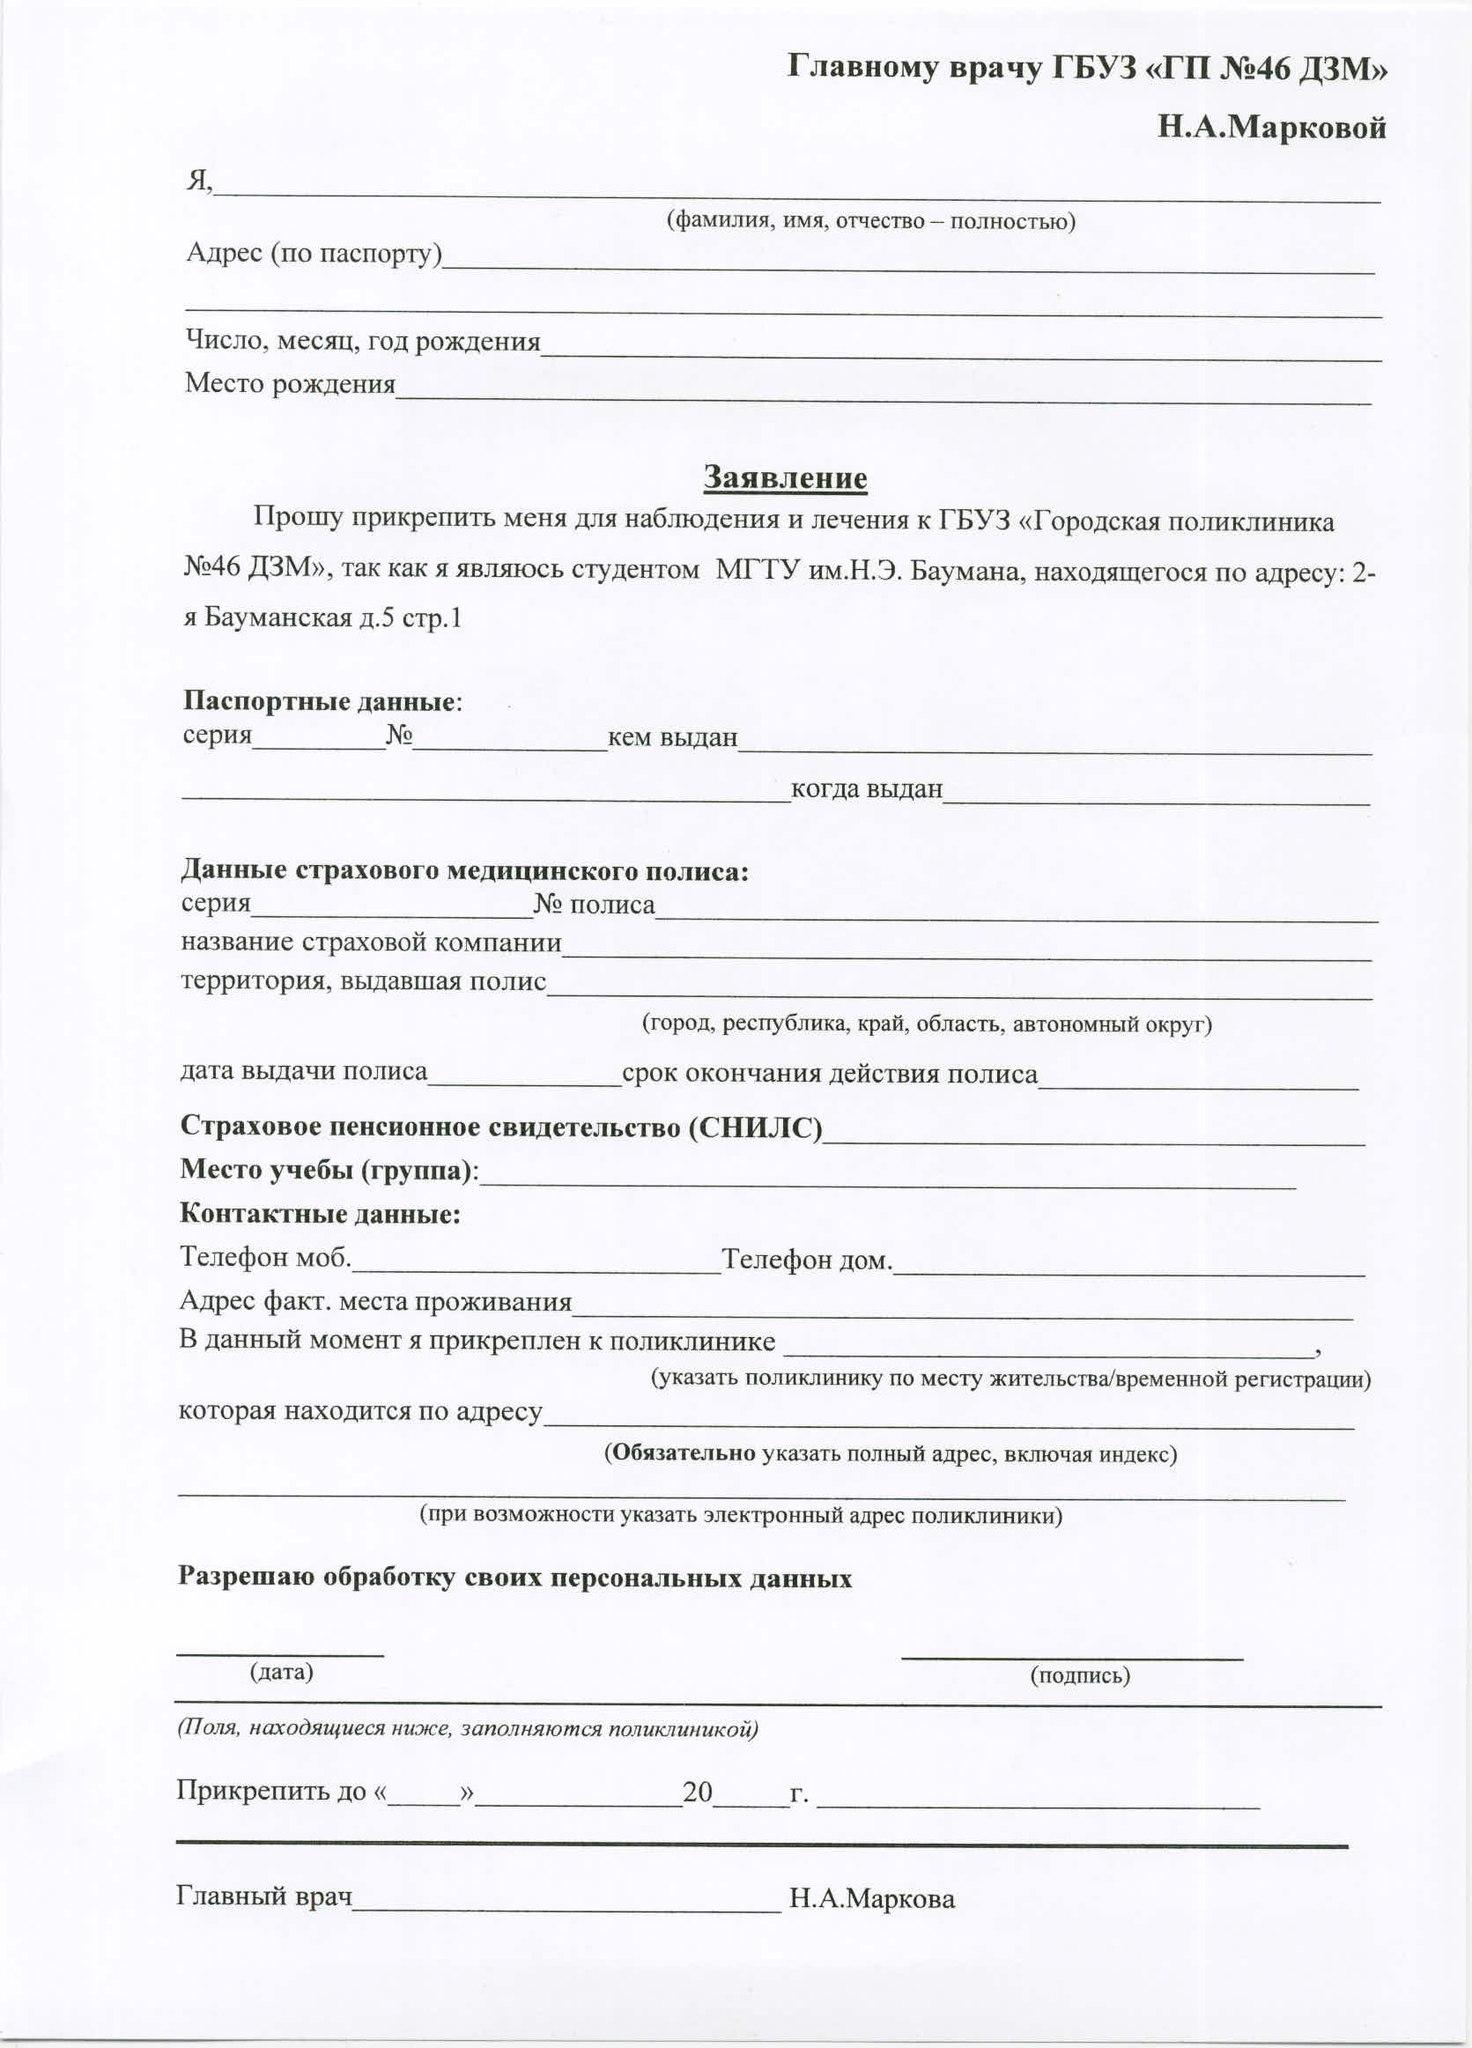 Образец бланка заявления о прикреплении к поликлинике